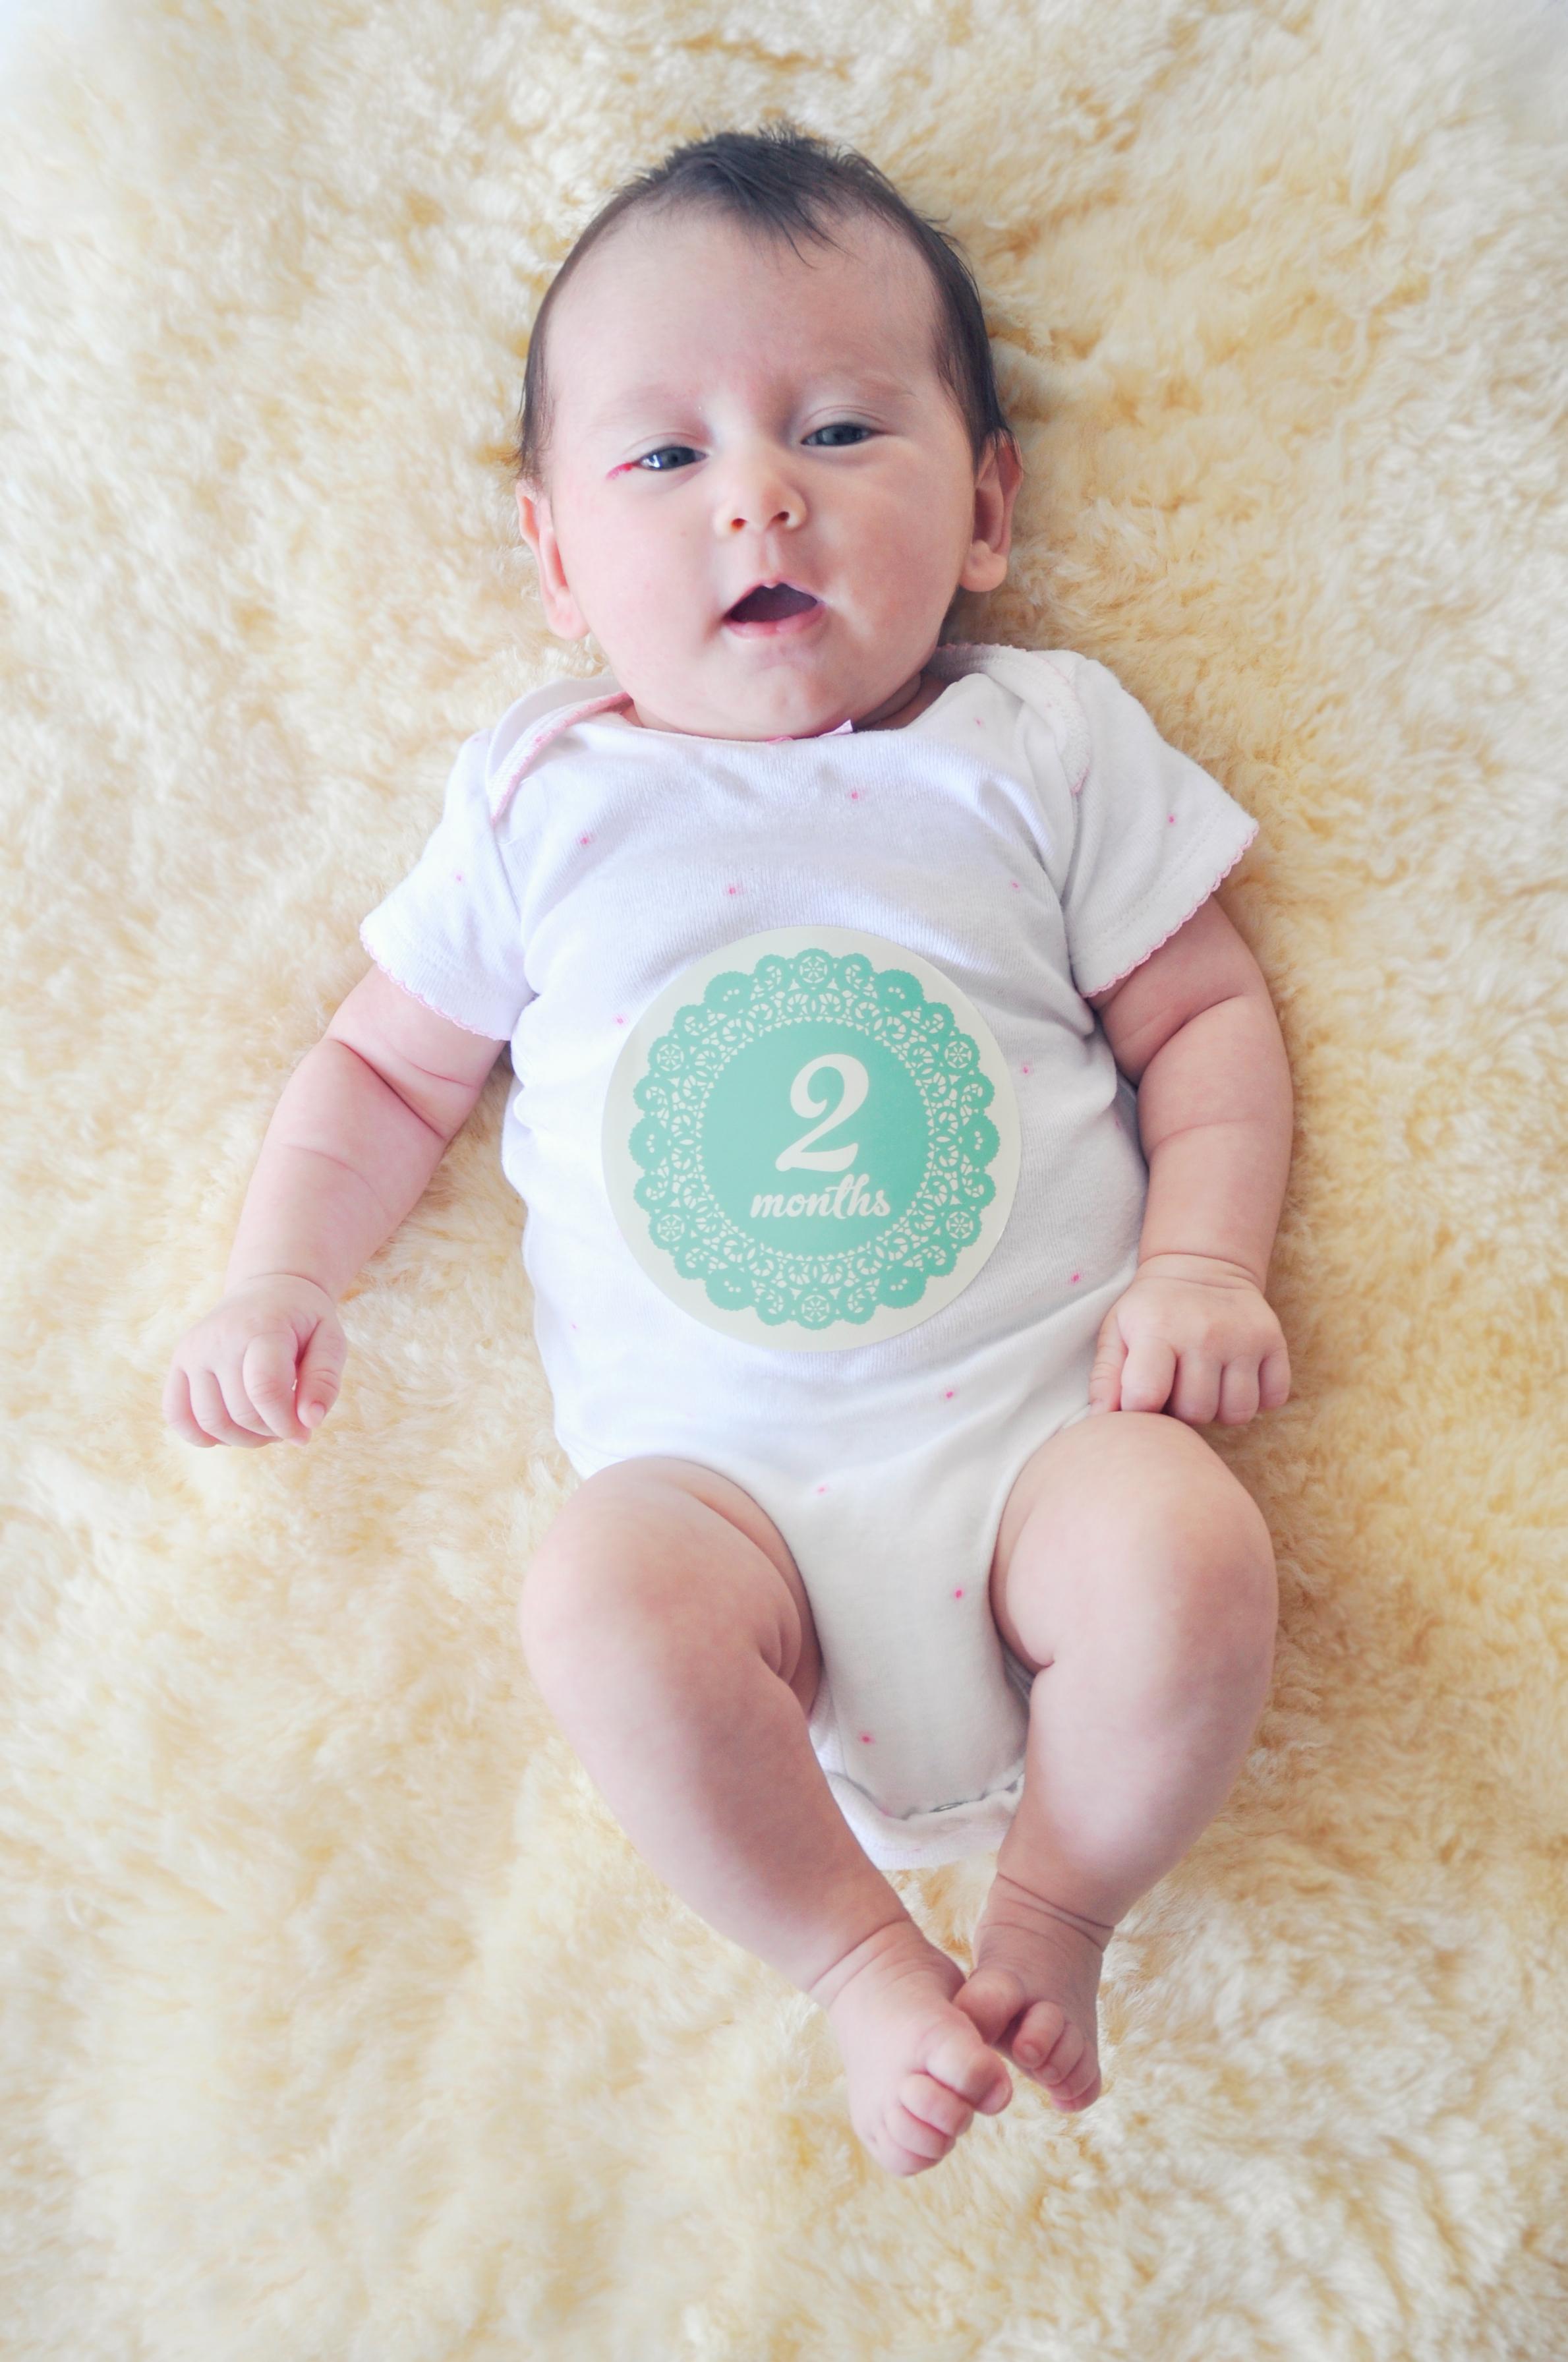 Bebe no nacido fotos novedades informaci n de la web - Tos bebe 2 meses ...